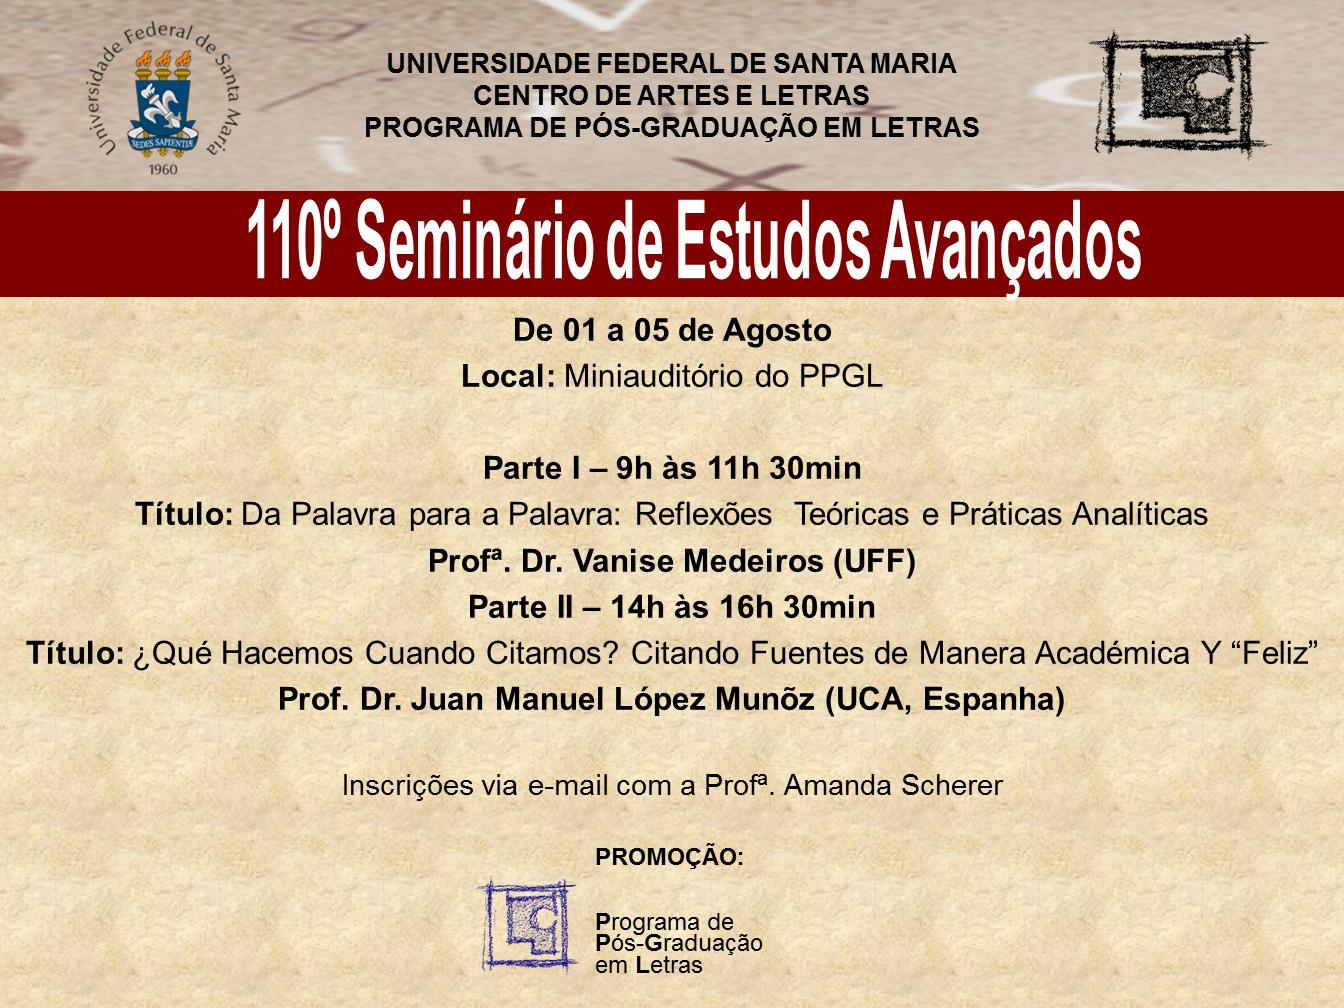 110 seminário avançado